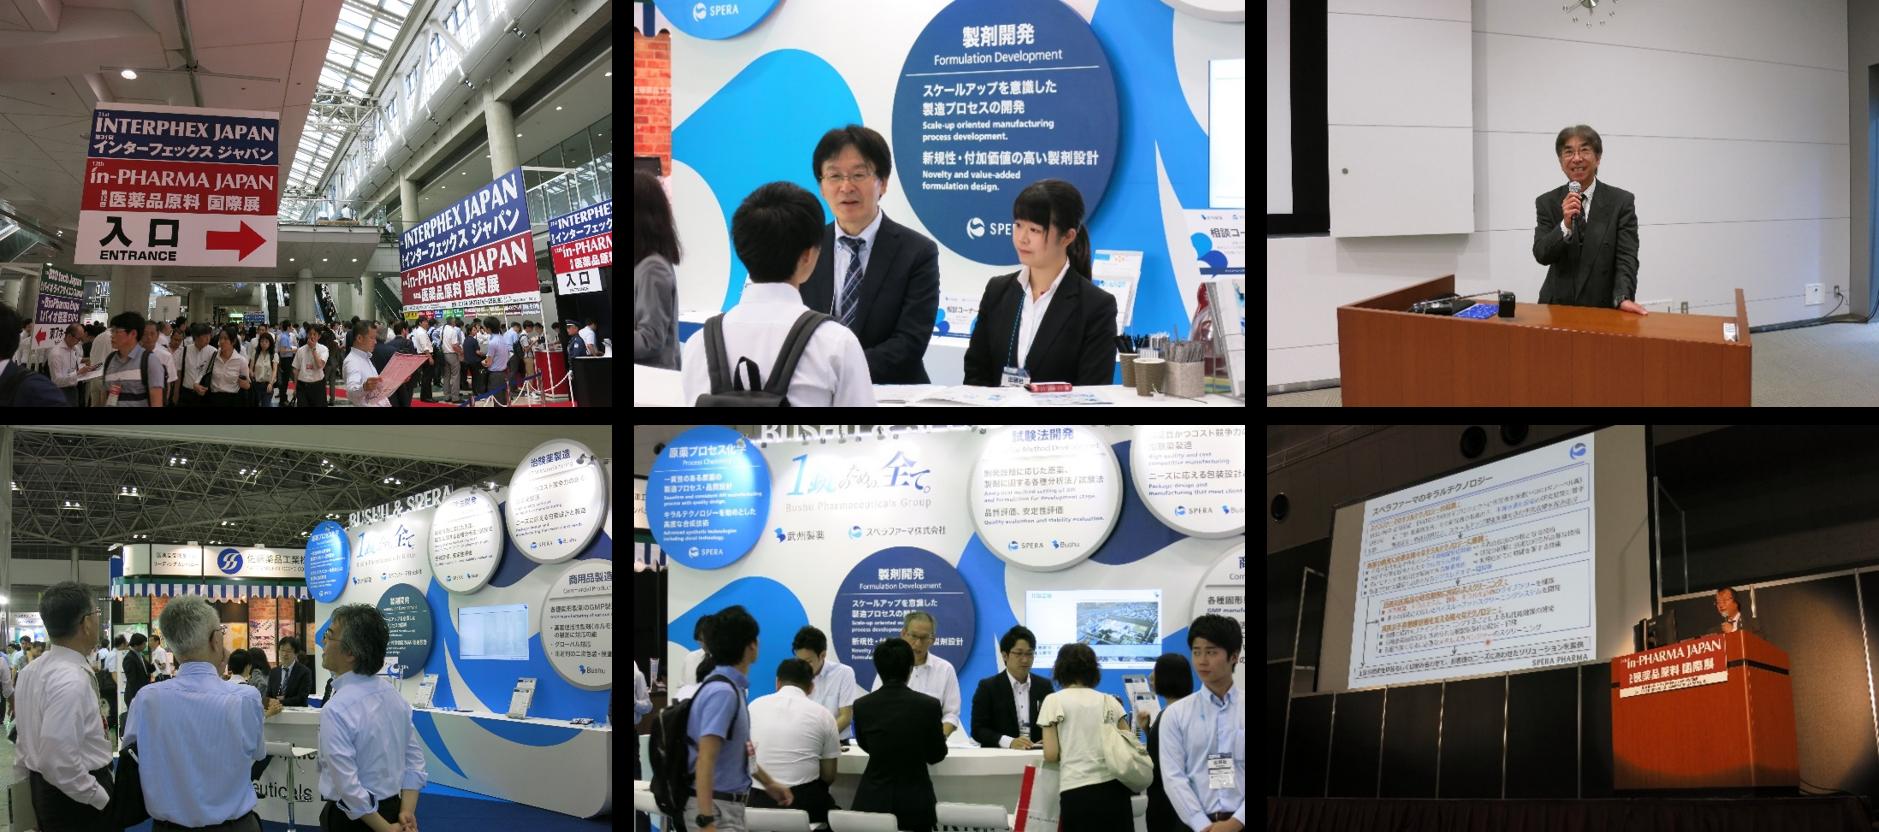 第31回 インターフェックス ジャパンにスペラファーマが出展しました